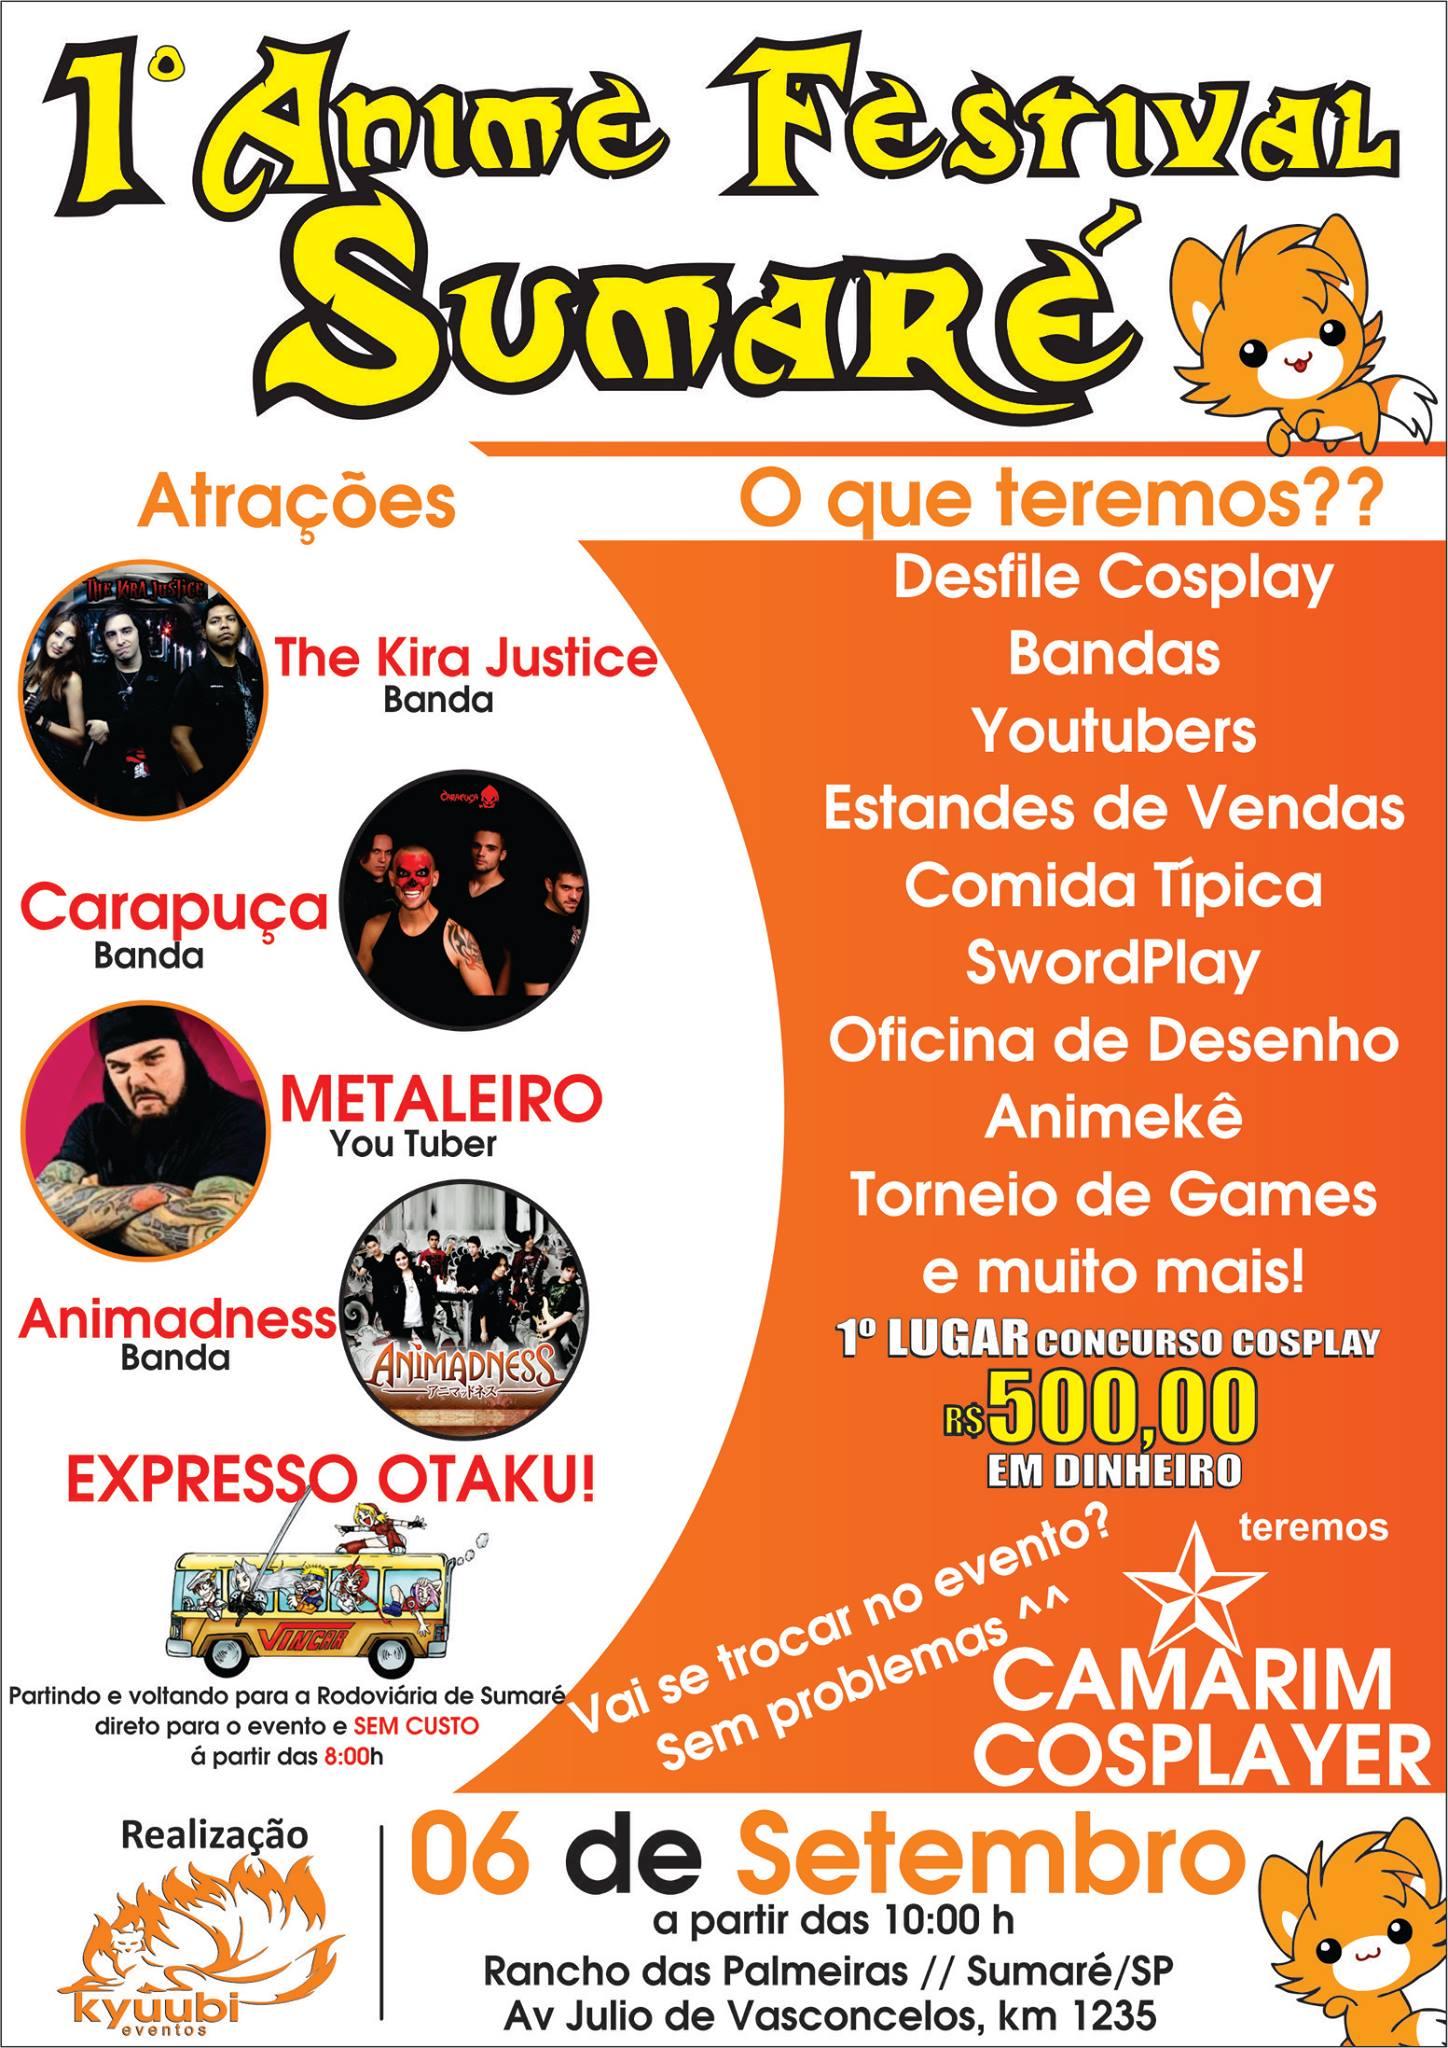 1° Anime Festival Sumaré